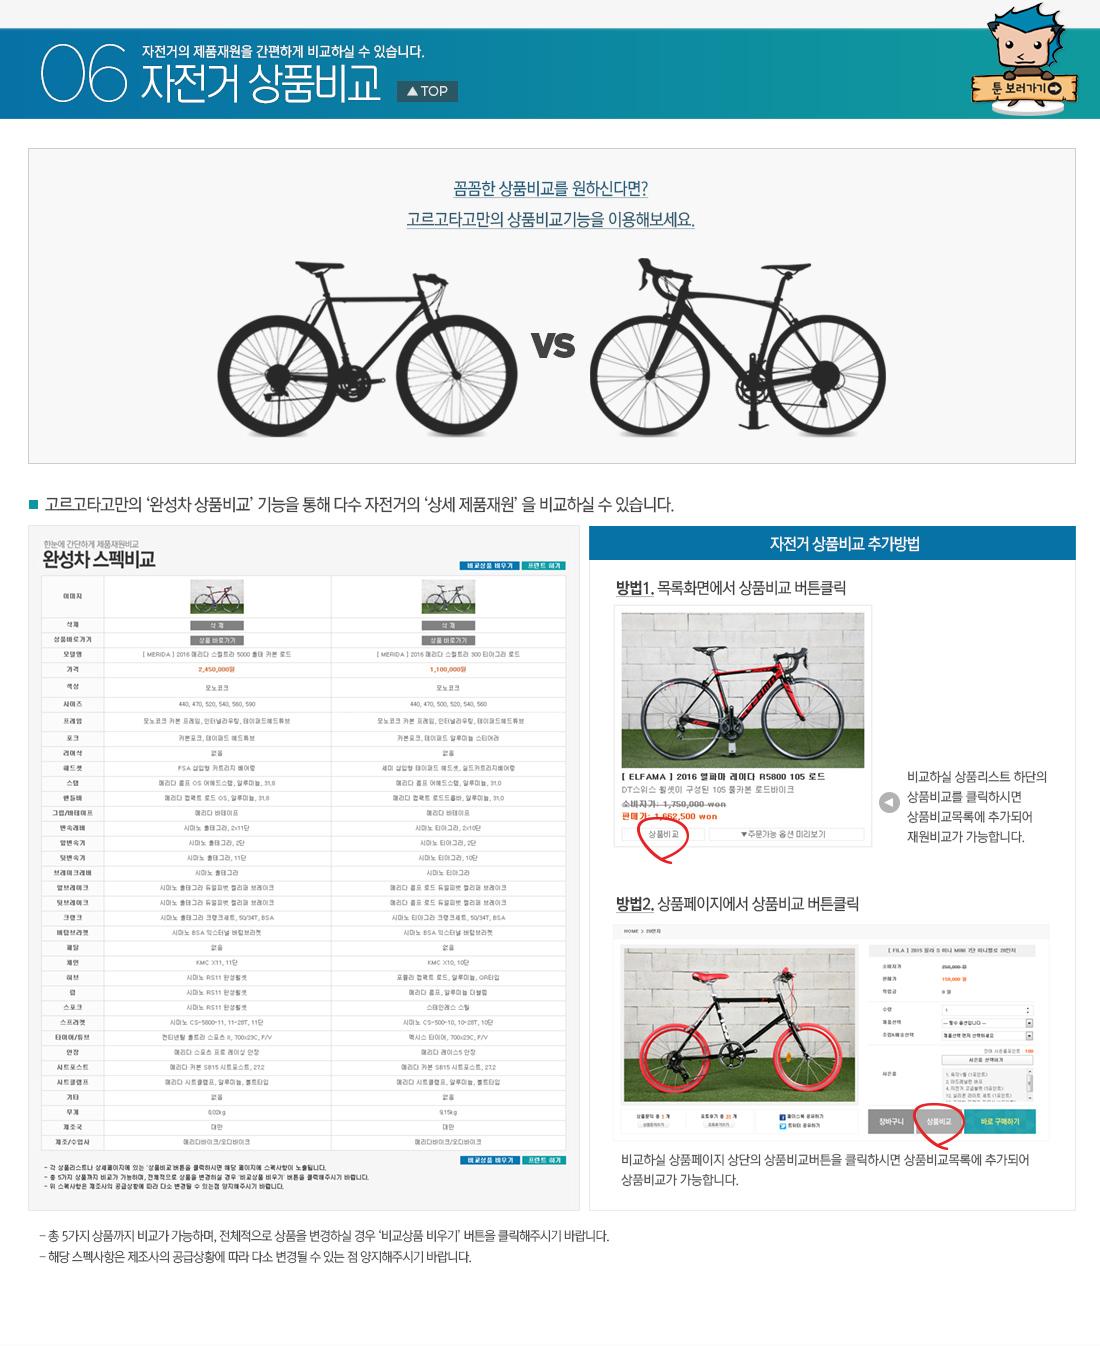 자전거 상품비교